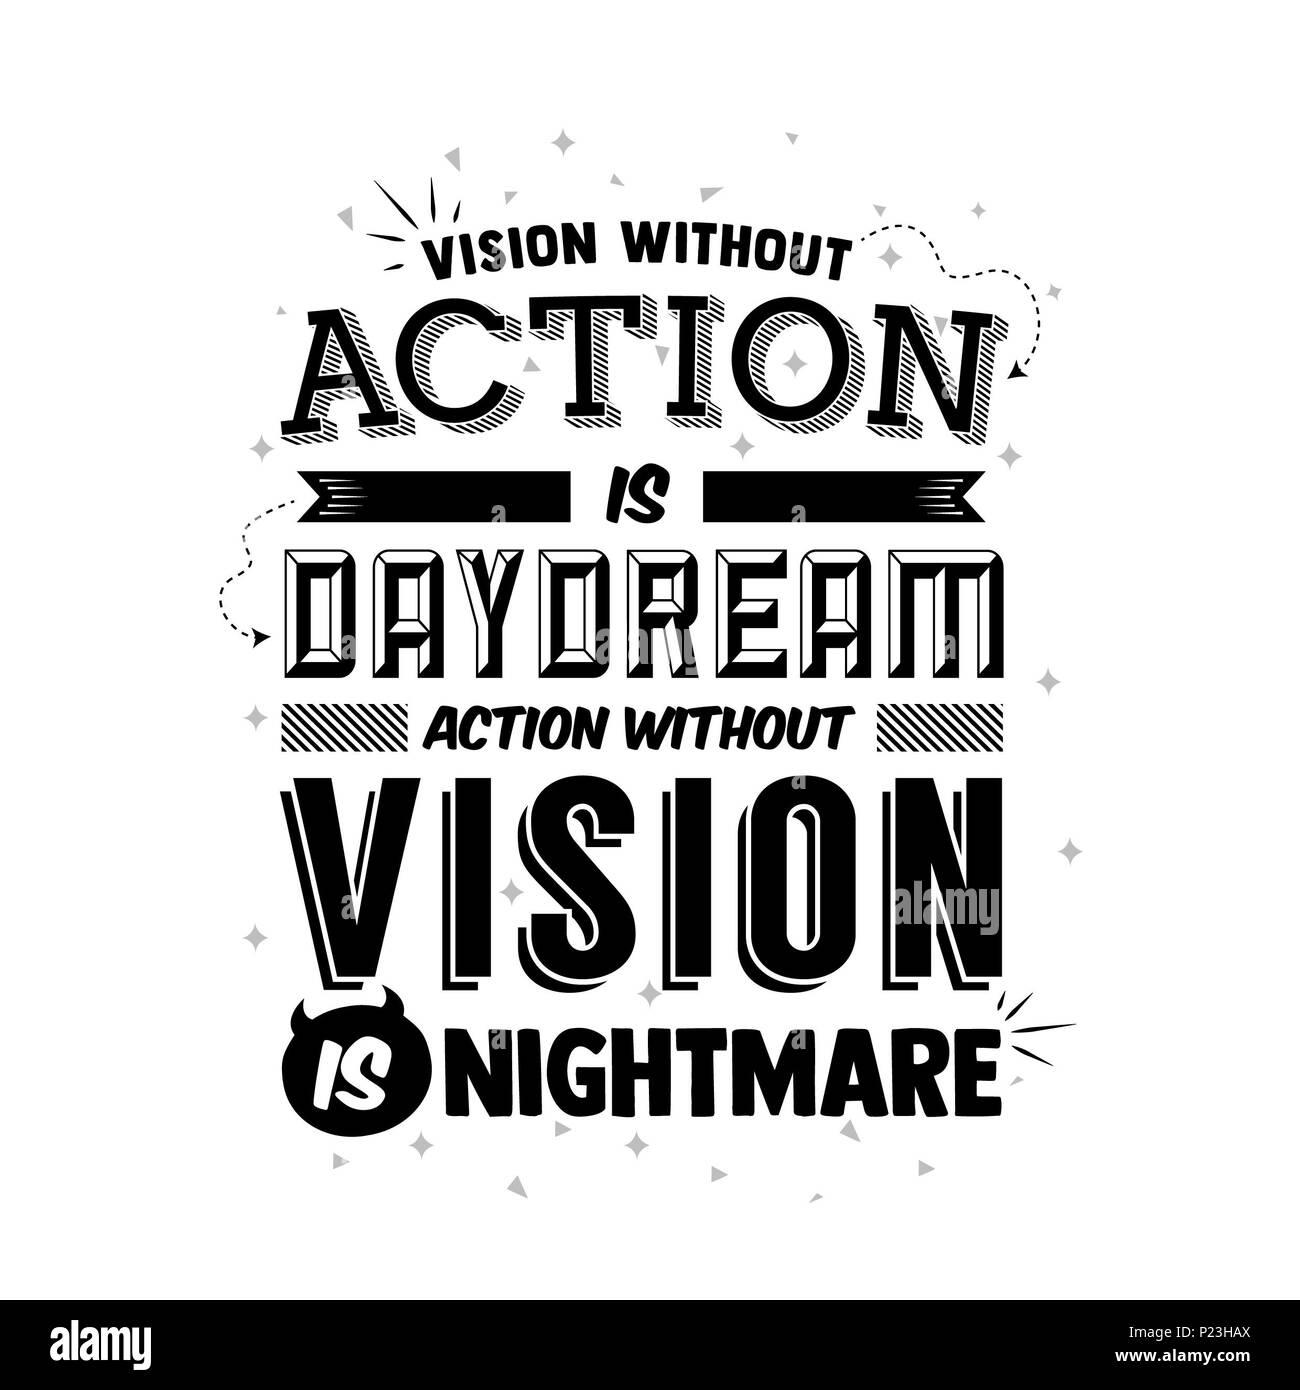 Visione senza azione è un sogno ad occhi aperti. Azione senza visione è un incubo.preventivo tipografia art decor a parete poster pronto per la stampa illustrazione vettoriale Immagini Stock